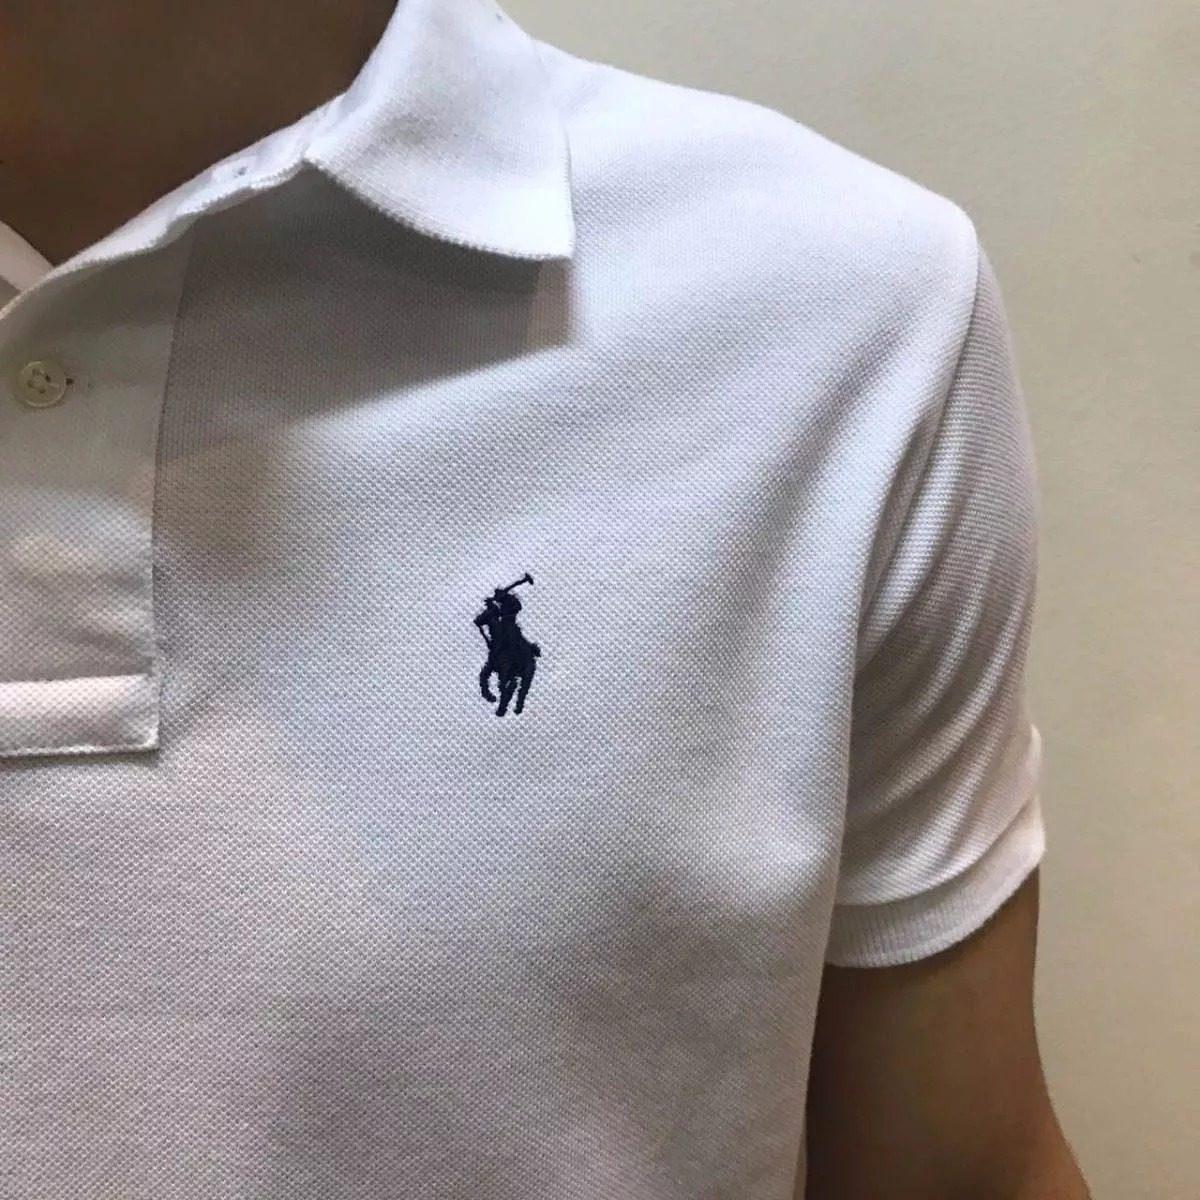 7a47fcfbd1 Camisas Ralph Lauren Polo- Ótimo Preço/envio Rápido - R$ 129,55 em ...